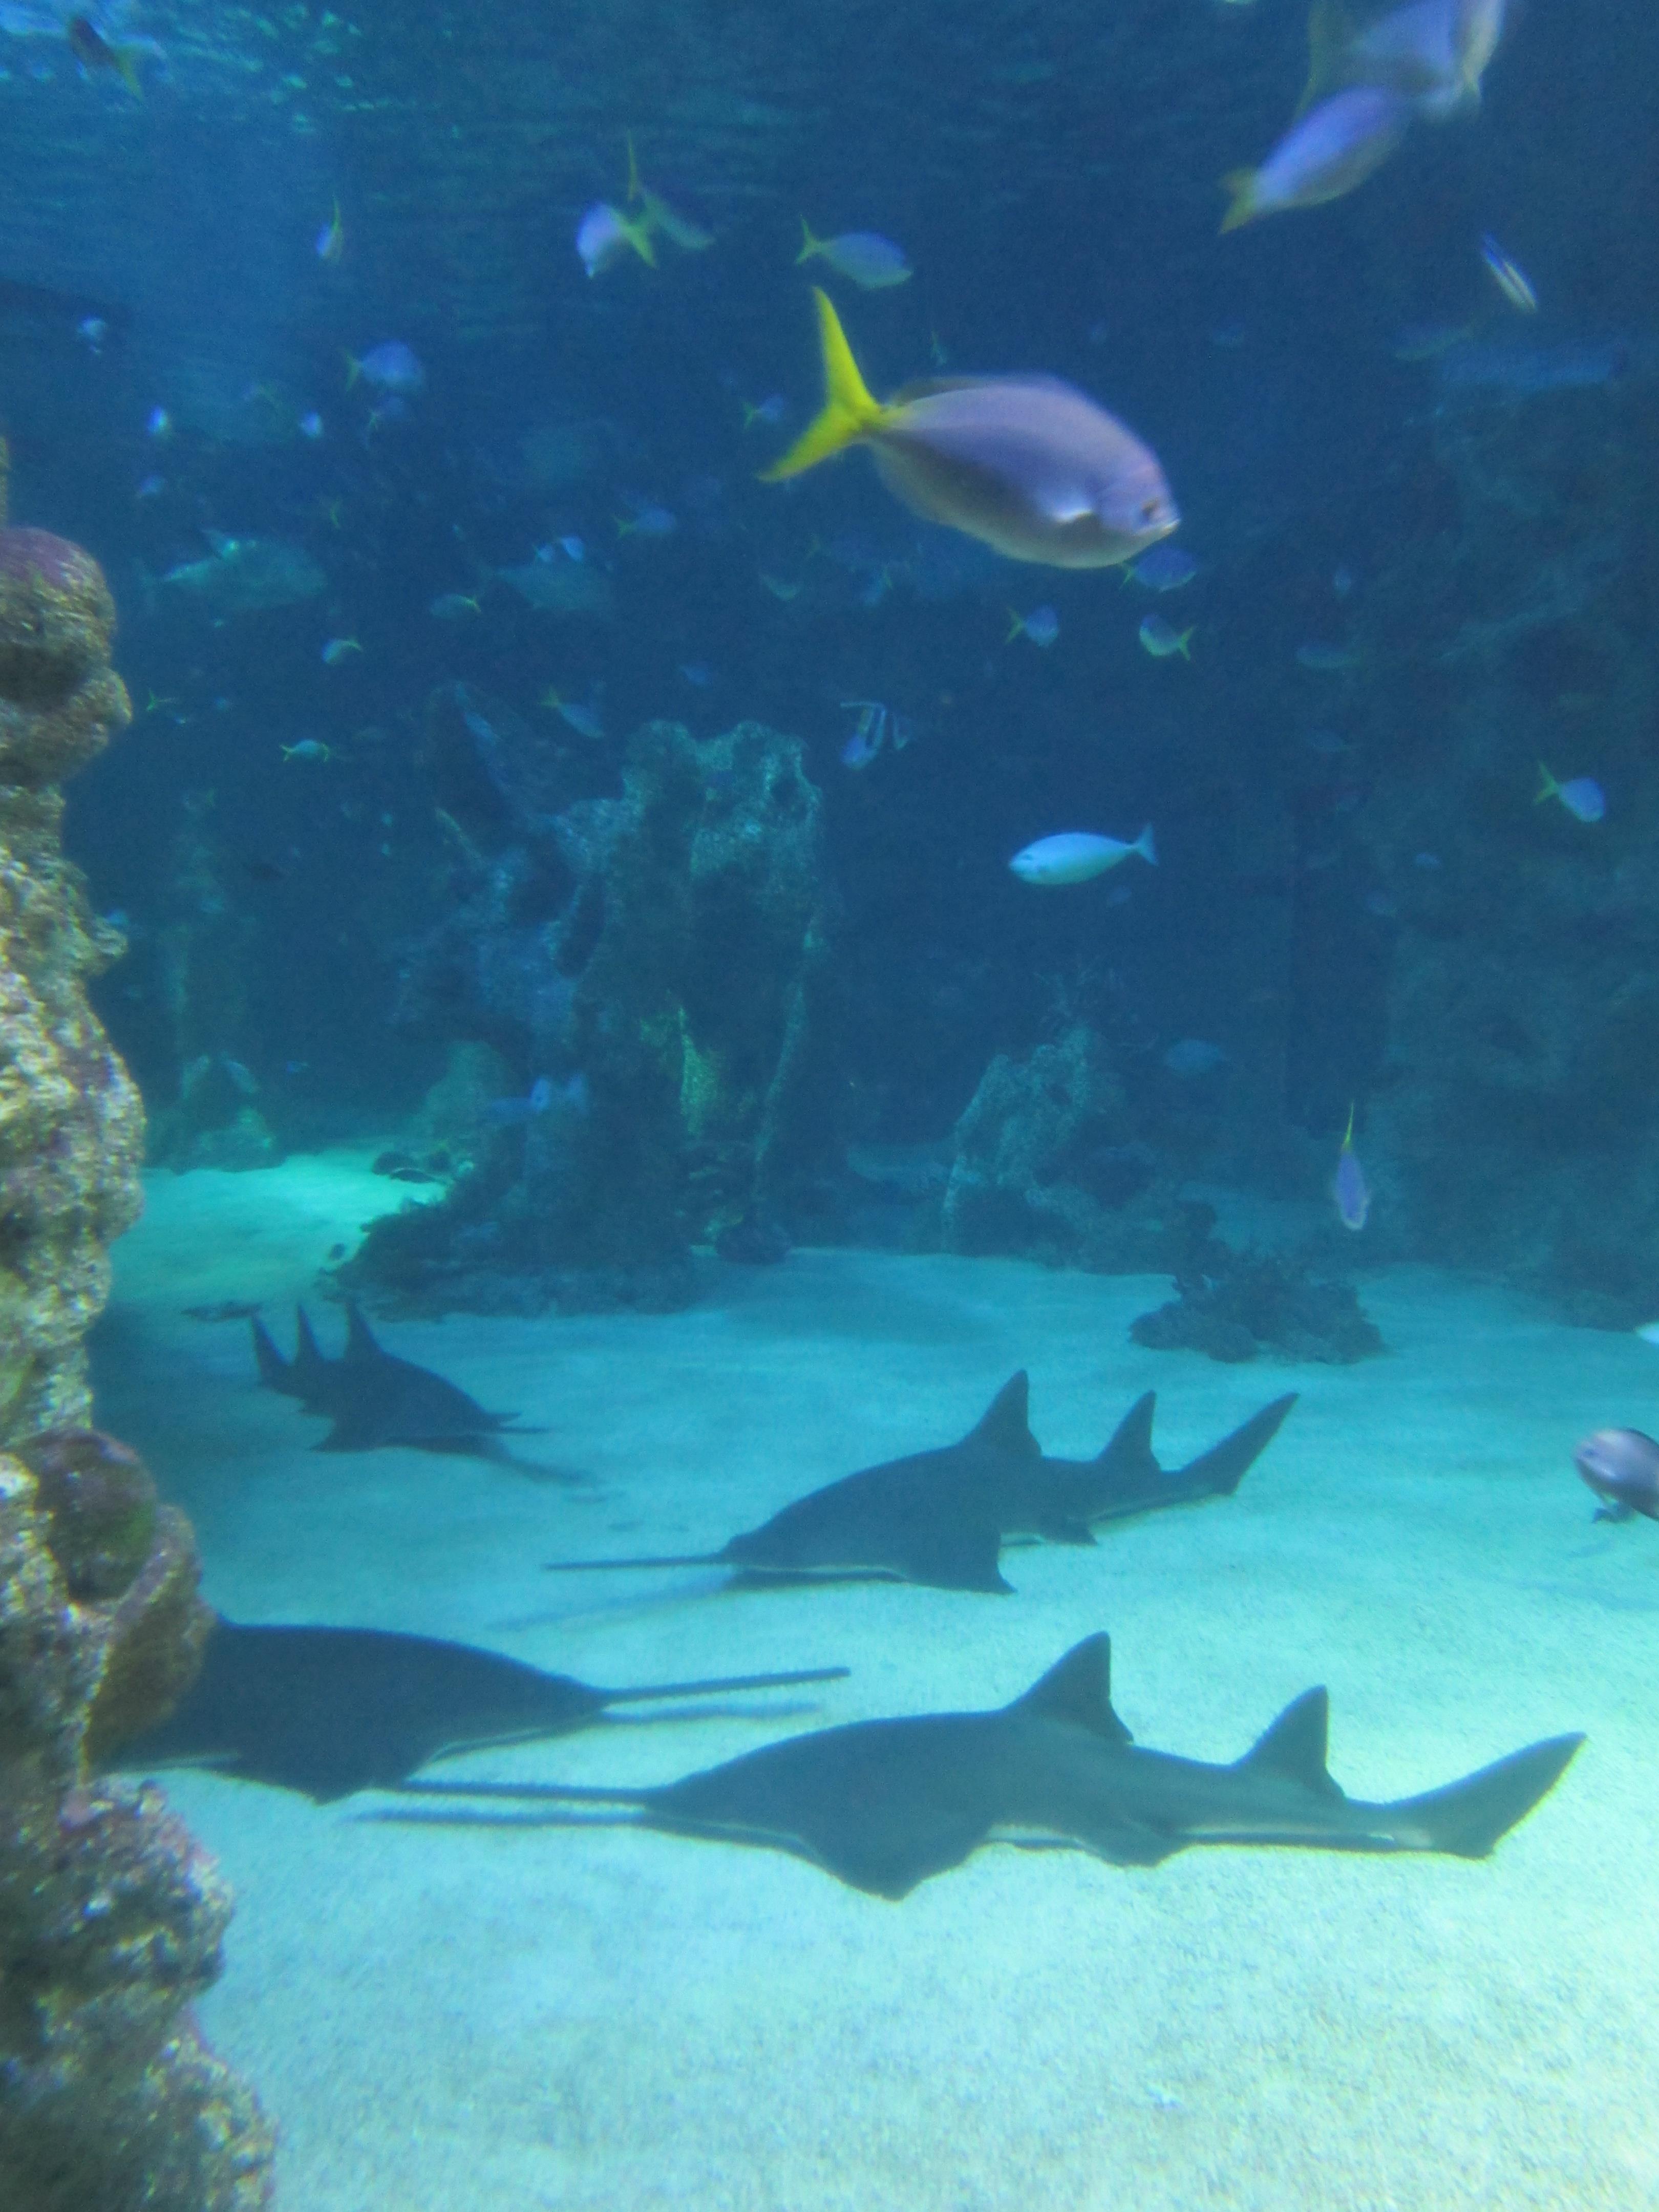 主体建筑在达令港水面下的悉尼水族馆,以长达146米的水底通道、全部圆弧形的玻璃观景窗,让游客尽情欣赏海底生态环境的千姿百态。这里汇集了澳洲5000多种水底生物,其中鲨鱼种类之多,世界排名第一、第二,此外,还有世界最大的鸭嘴兽。水族馆很不错,有很多种水底生物,还可以看到澳洲特有的水族生物。